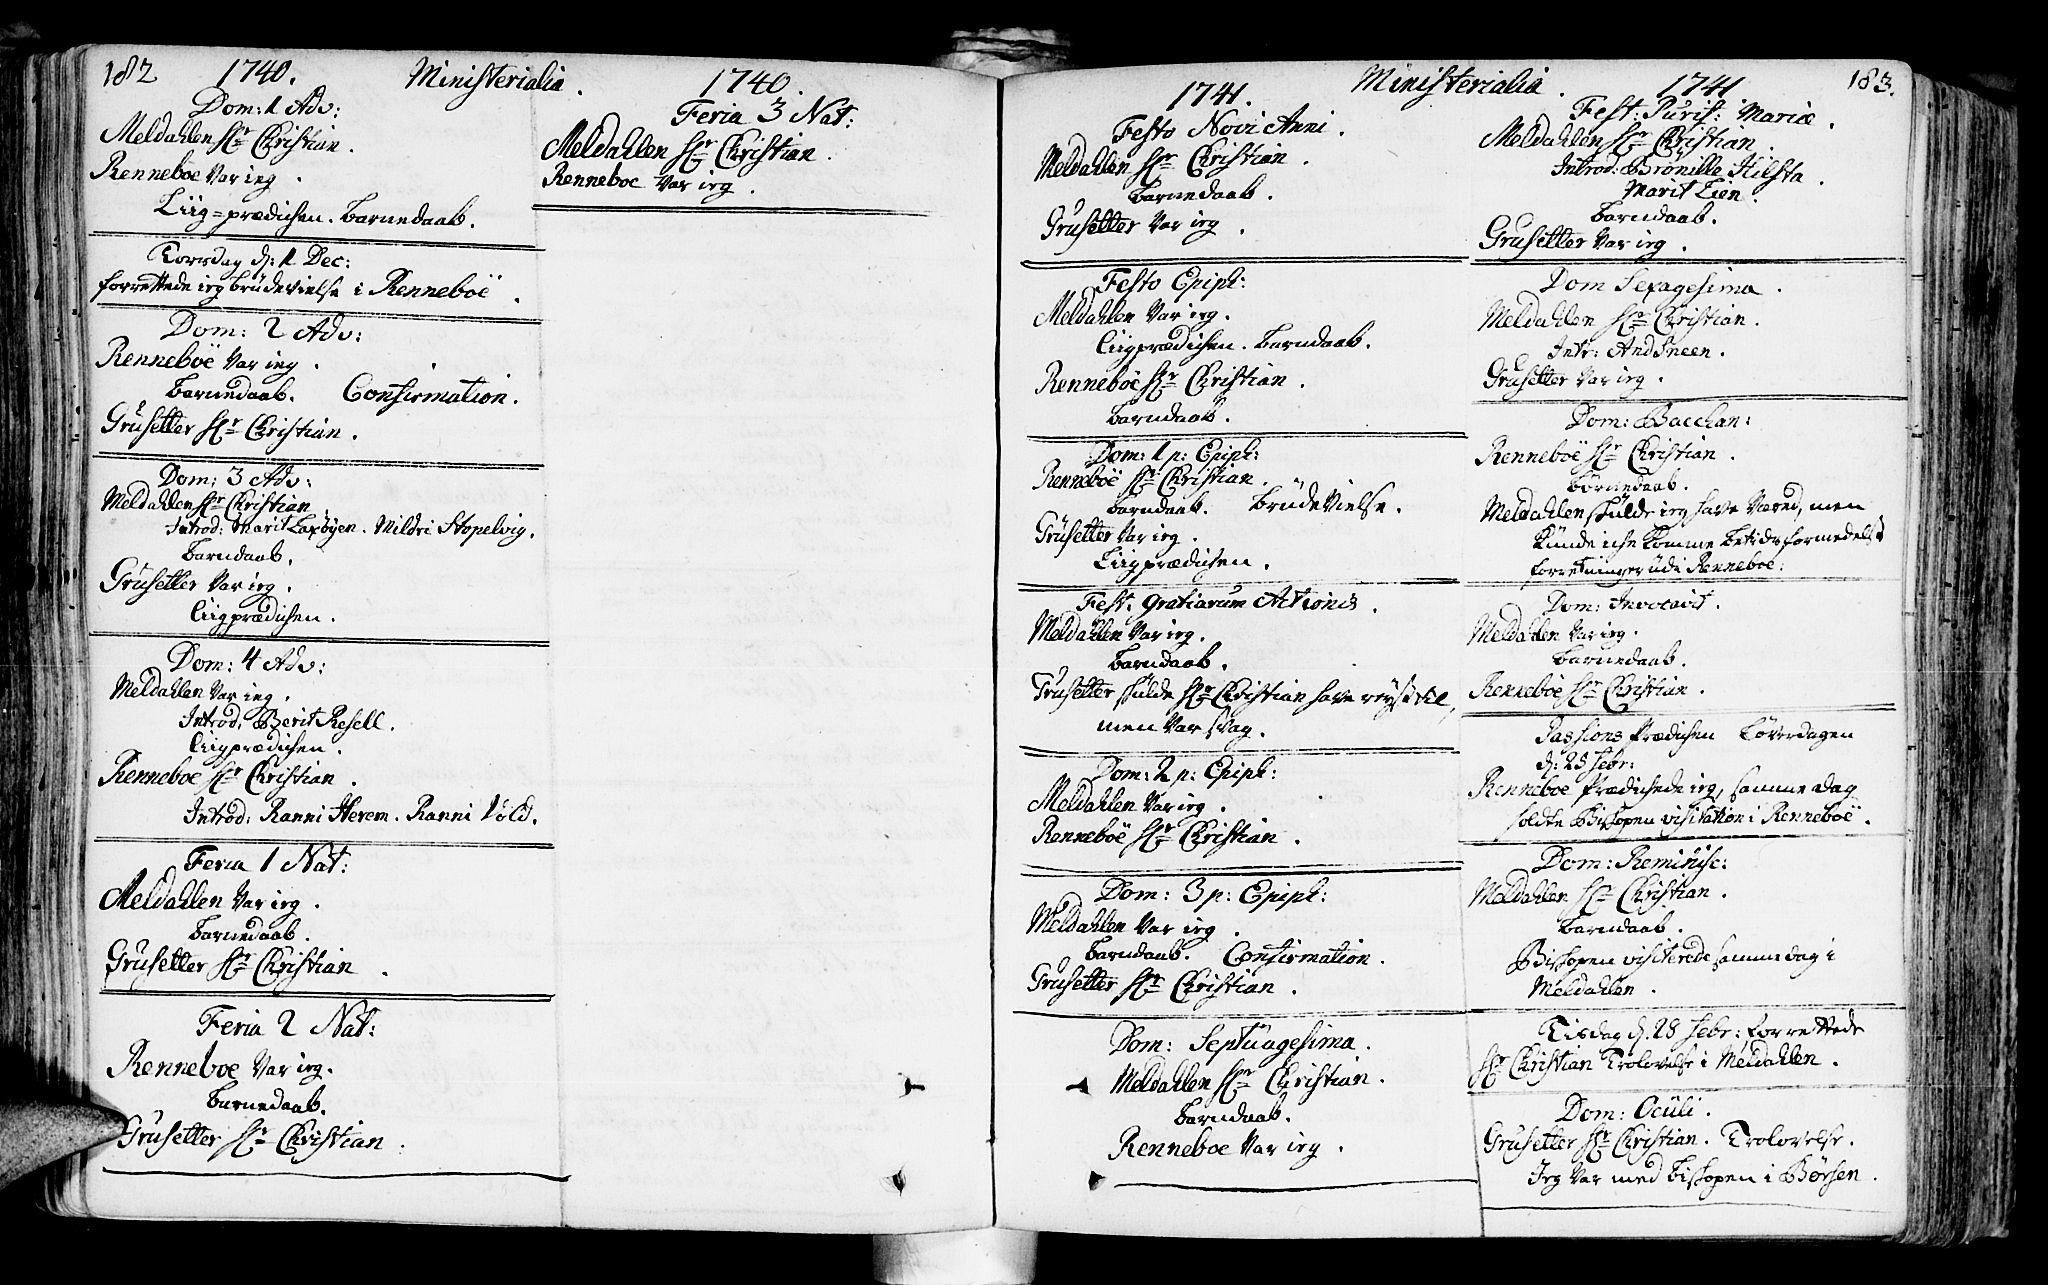 SAT, Ministerialprotokoller, klokkerbøker og fødselsregistre - Sør-Trøndelag, 672/L0850: Ministerialbok nr. 672A03, 1725-1751, s. 182-183